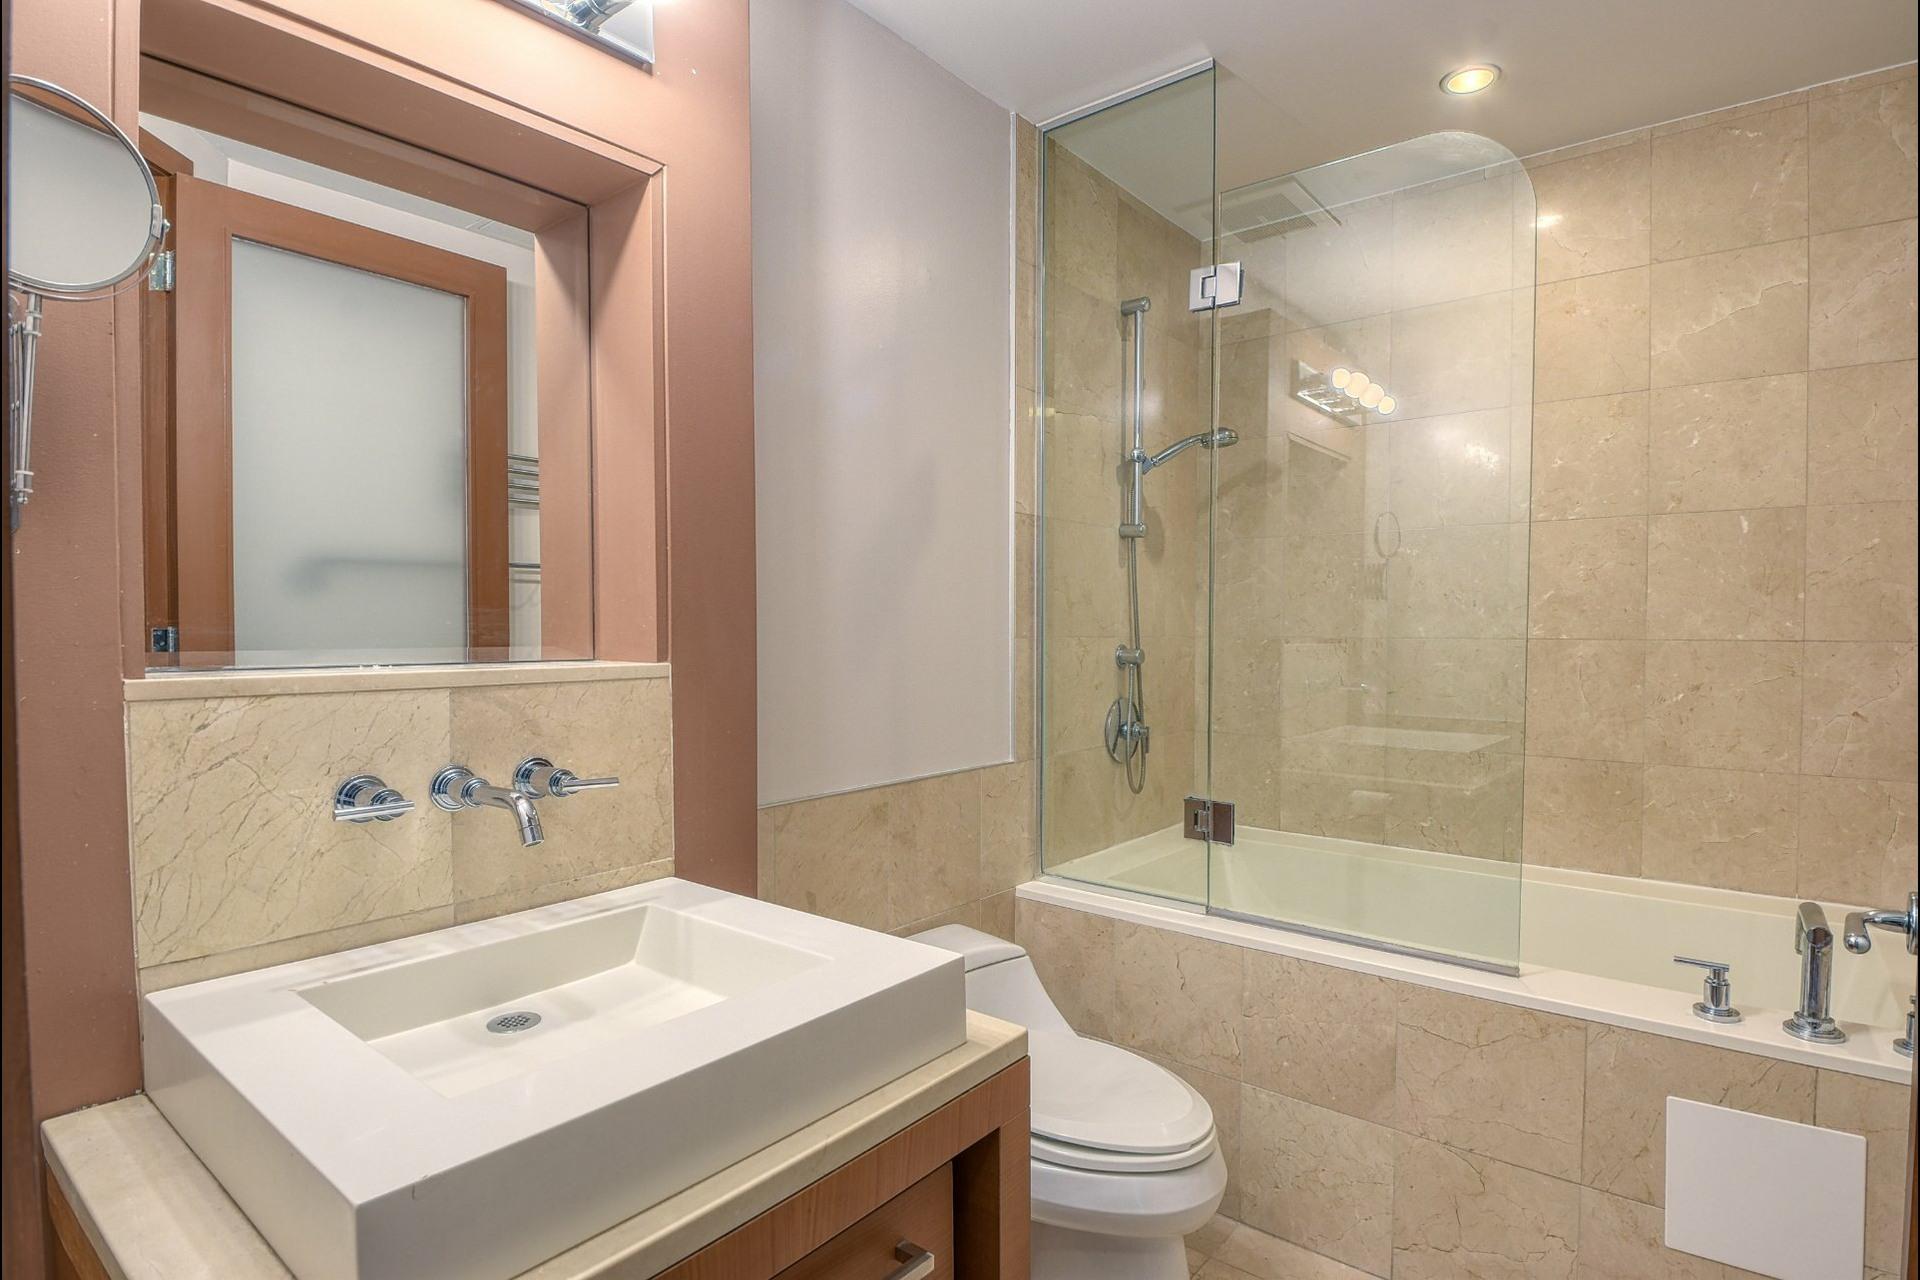 image 9 - Appartement À vendre Le Plateau-Mont-Royal Montréal  - 3 pièces